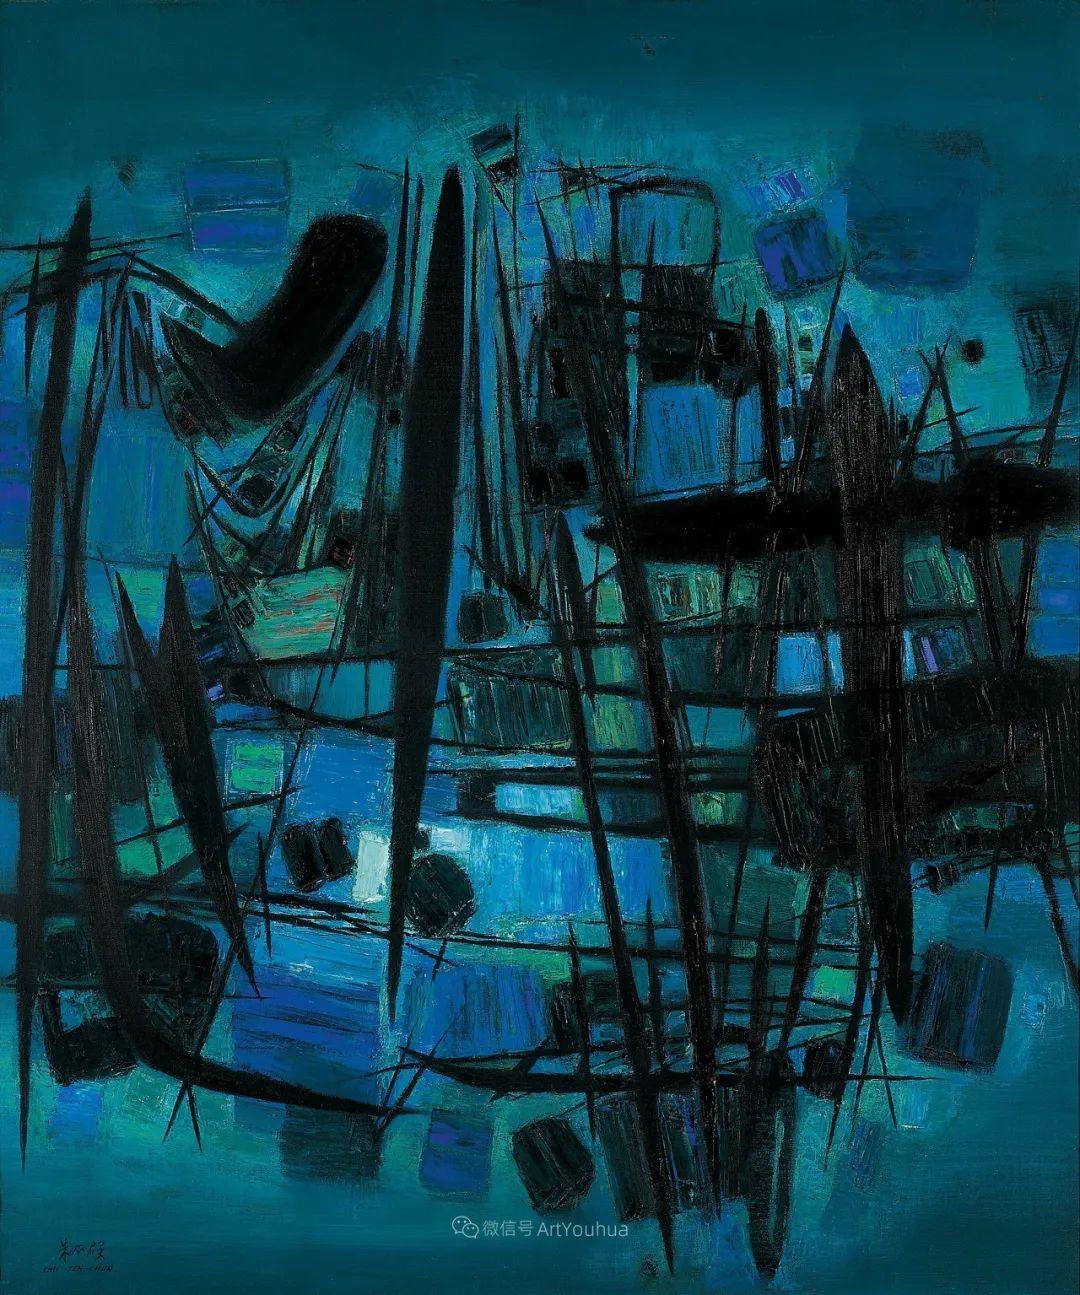 以色彩写诗,具象转抽象,朱德群作品欣赏 (高清)插图53